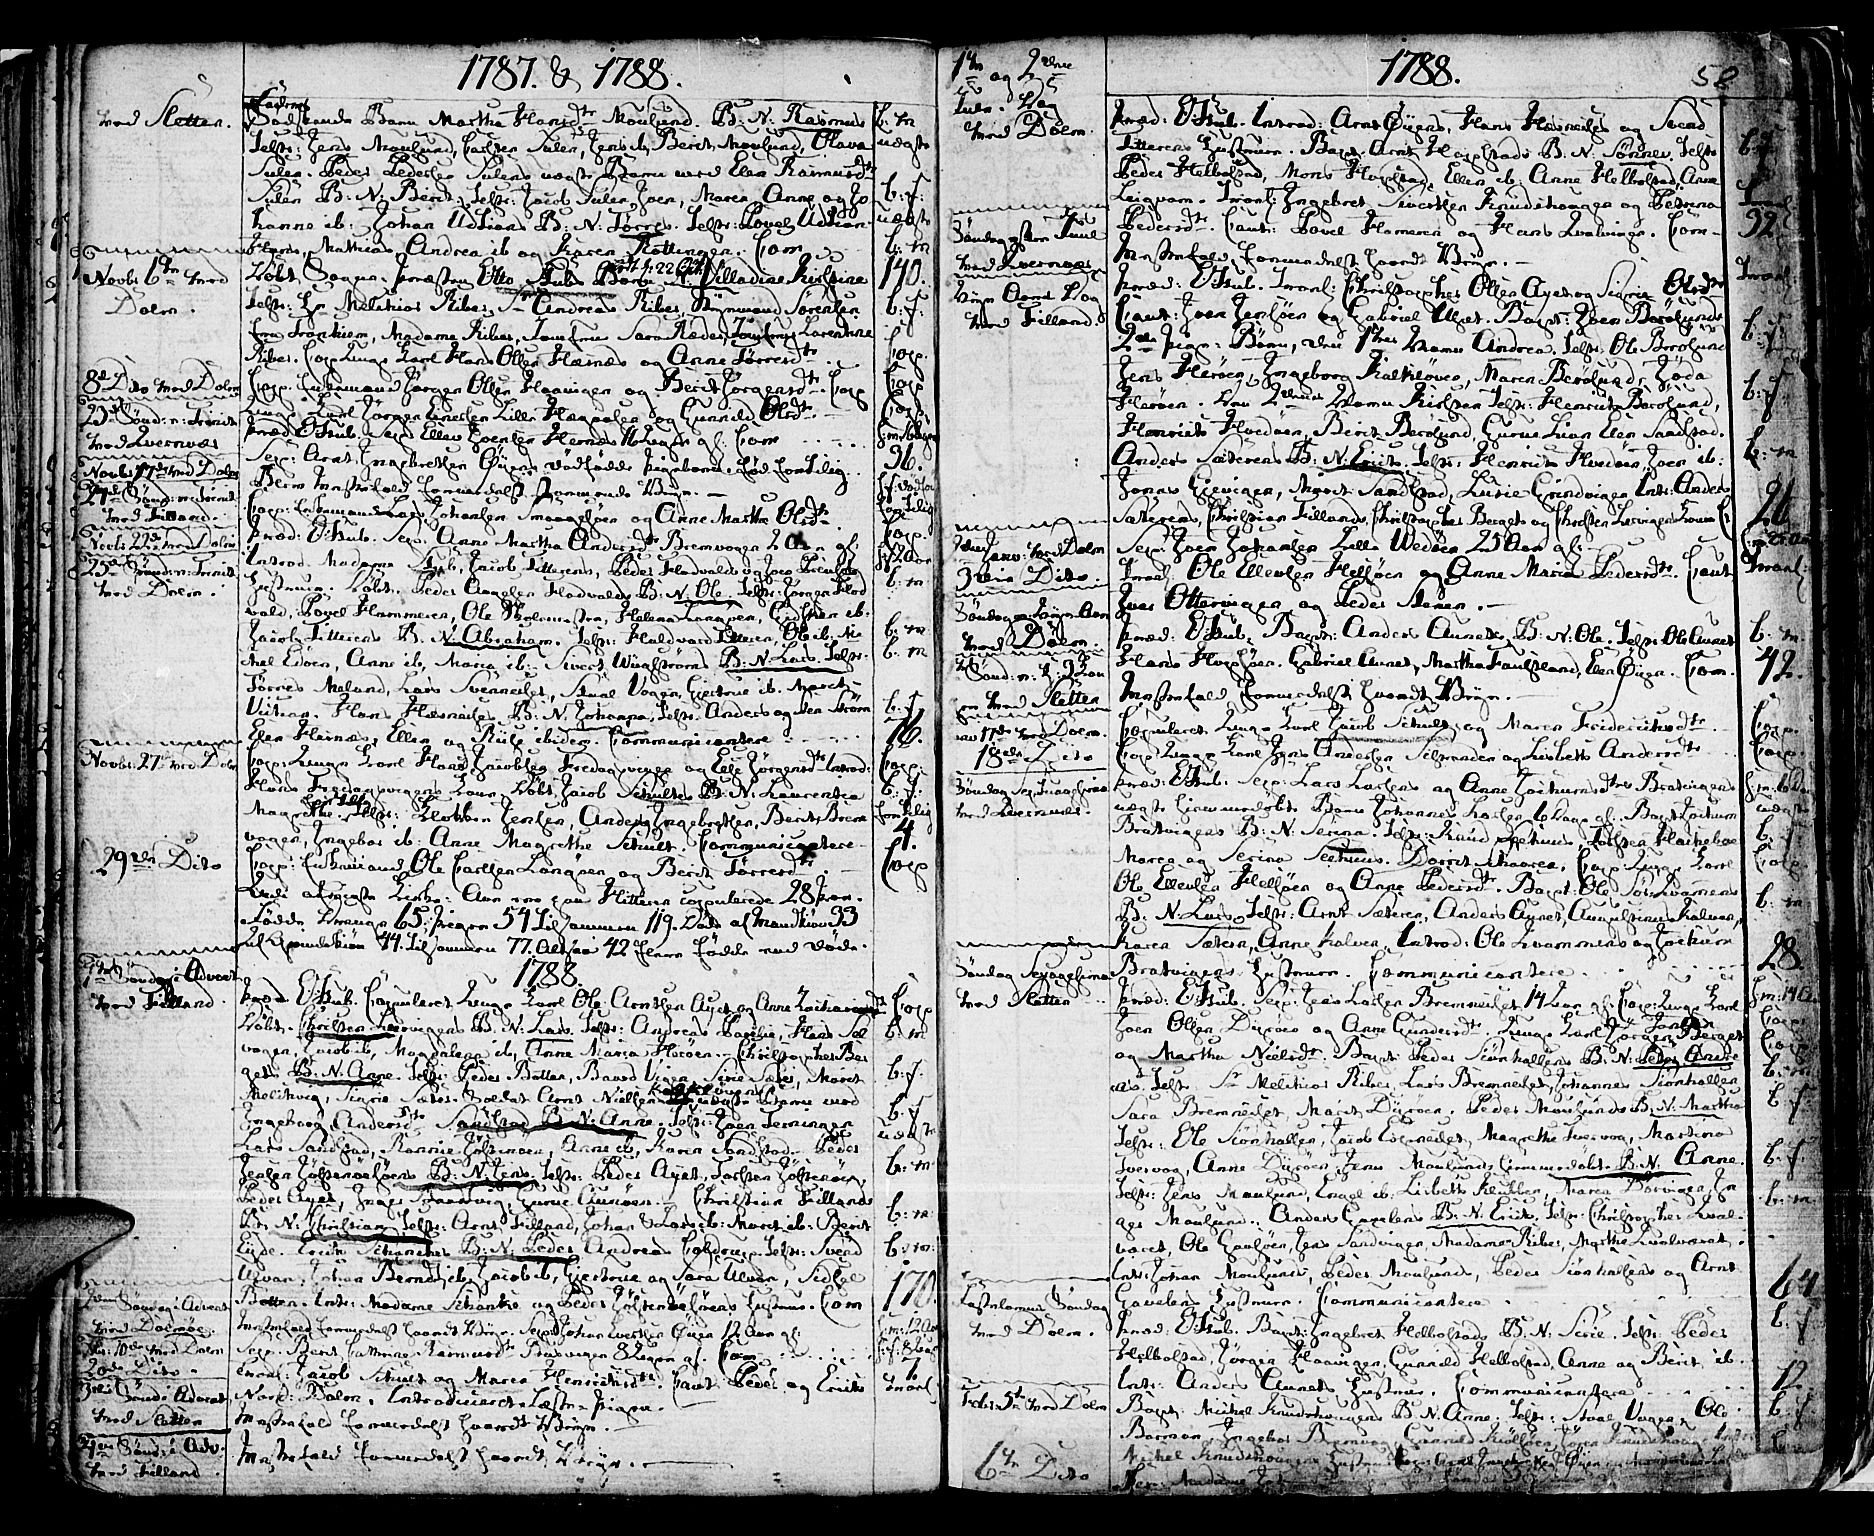 SAT, Ministerialprotokoller, klokkerbøker og fødselsregistre - Sør-Trøndelag, 634/L0526: Ministerialbok nr. 634A02, 1775-1818, s. 58